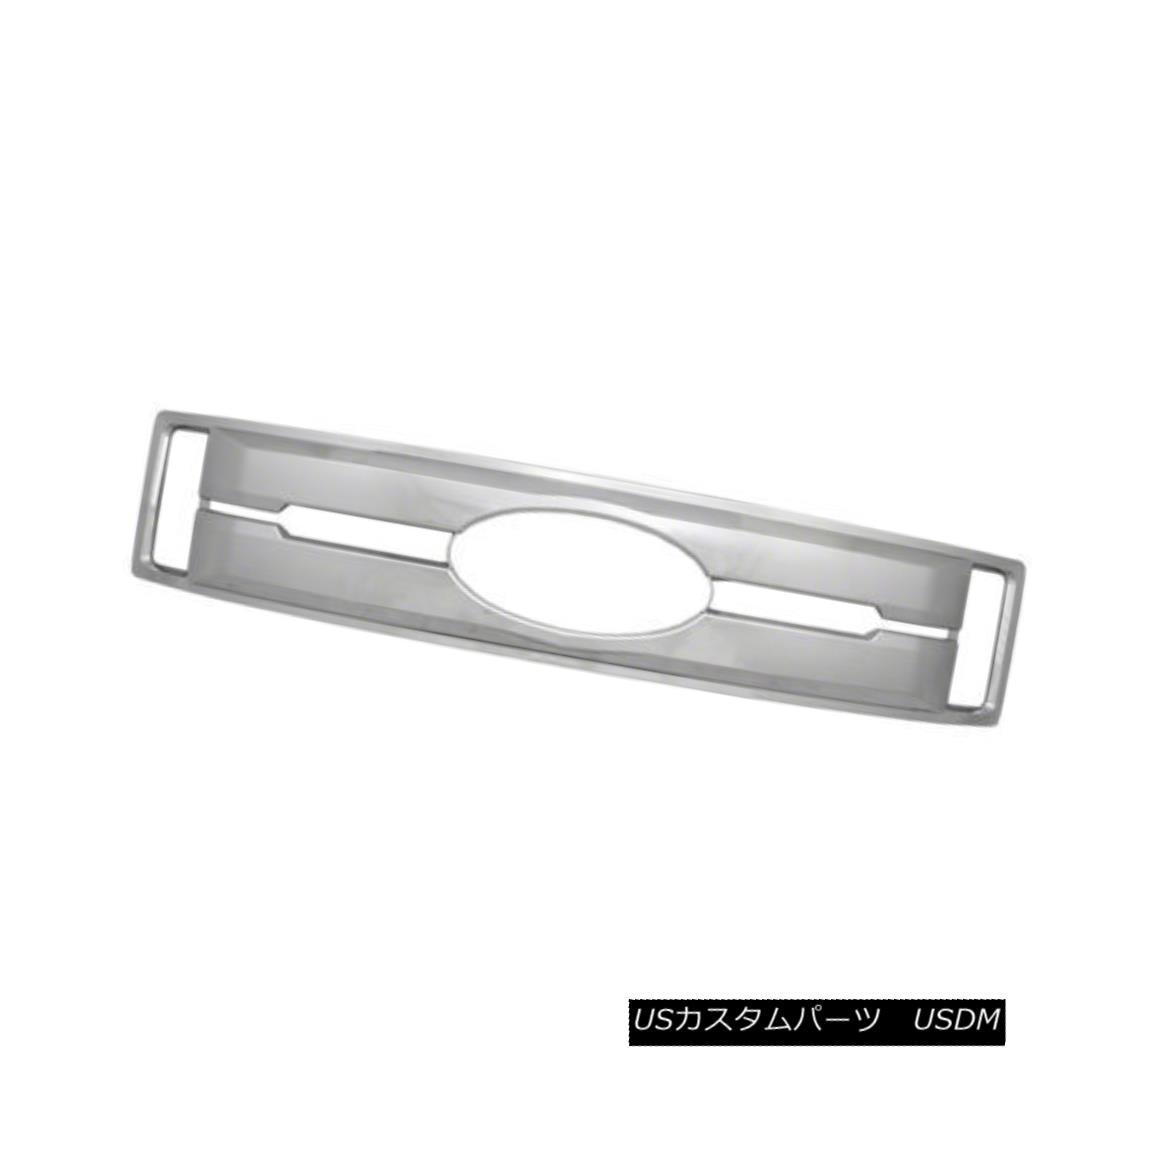 グリル Grille Overlay/Insert for 17-18 Ford F350 Chrome, 1 Piece 17-18 Ford F350クローム、1ピース用グリルオーバーレイ/インサート